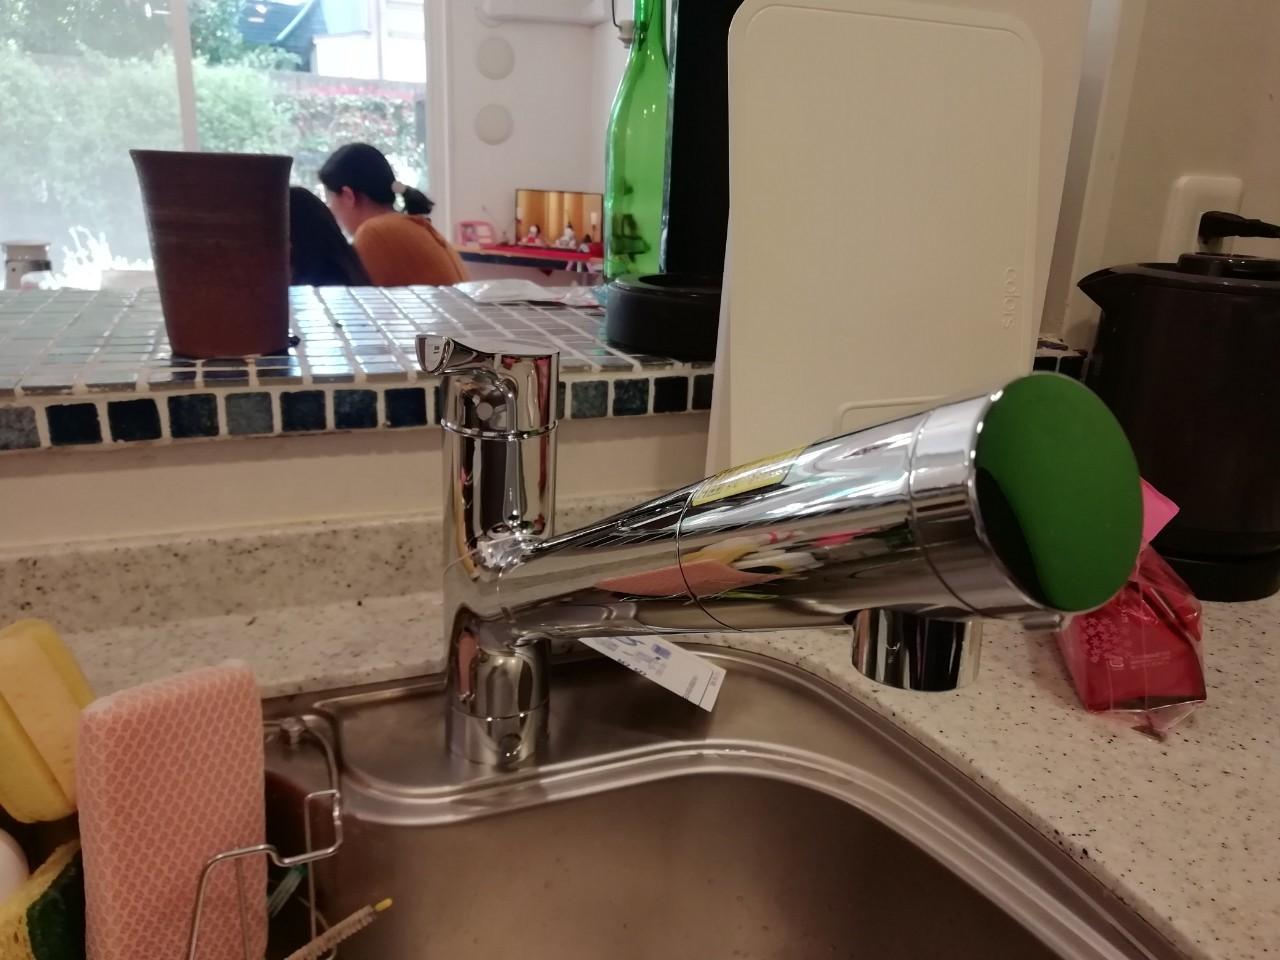 キッチン水栓カランの交換(TKS05308J)【京都市右京区】